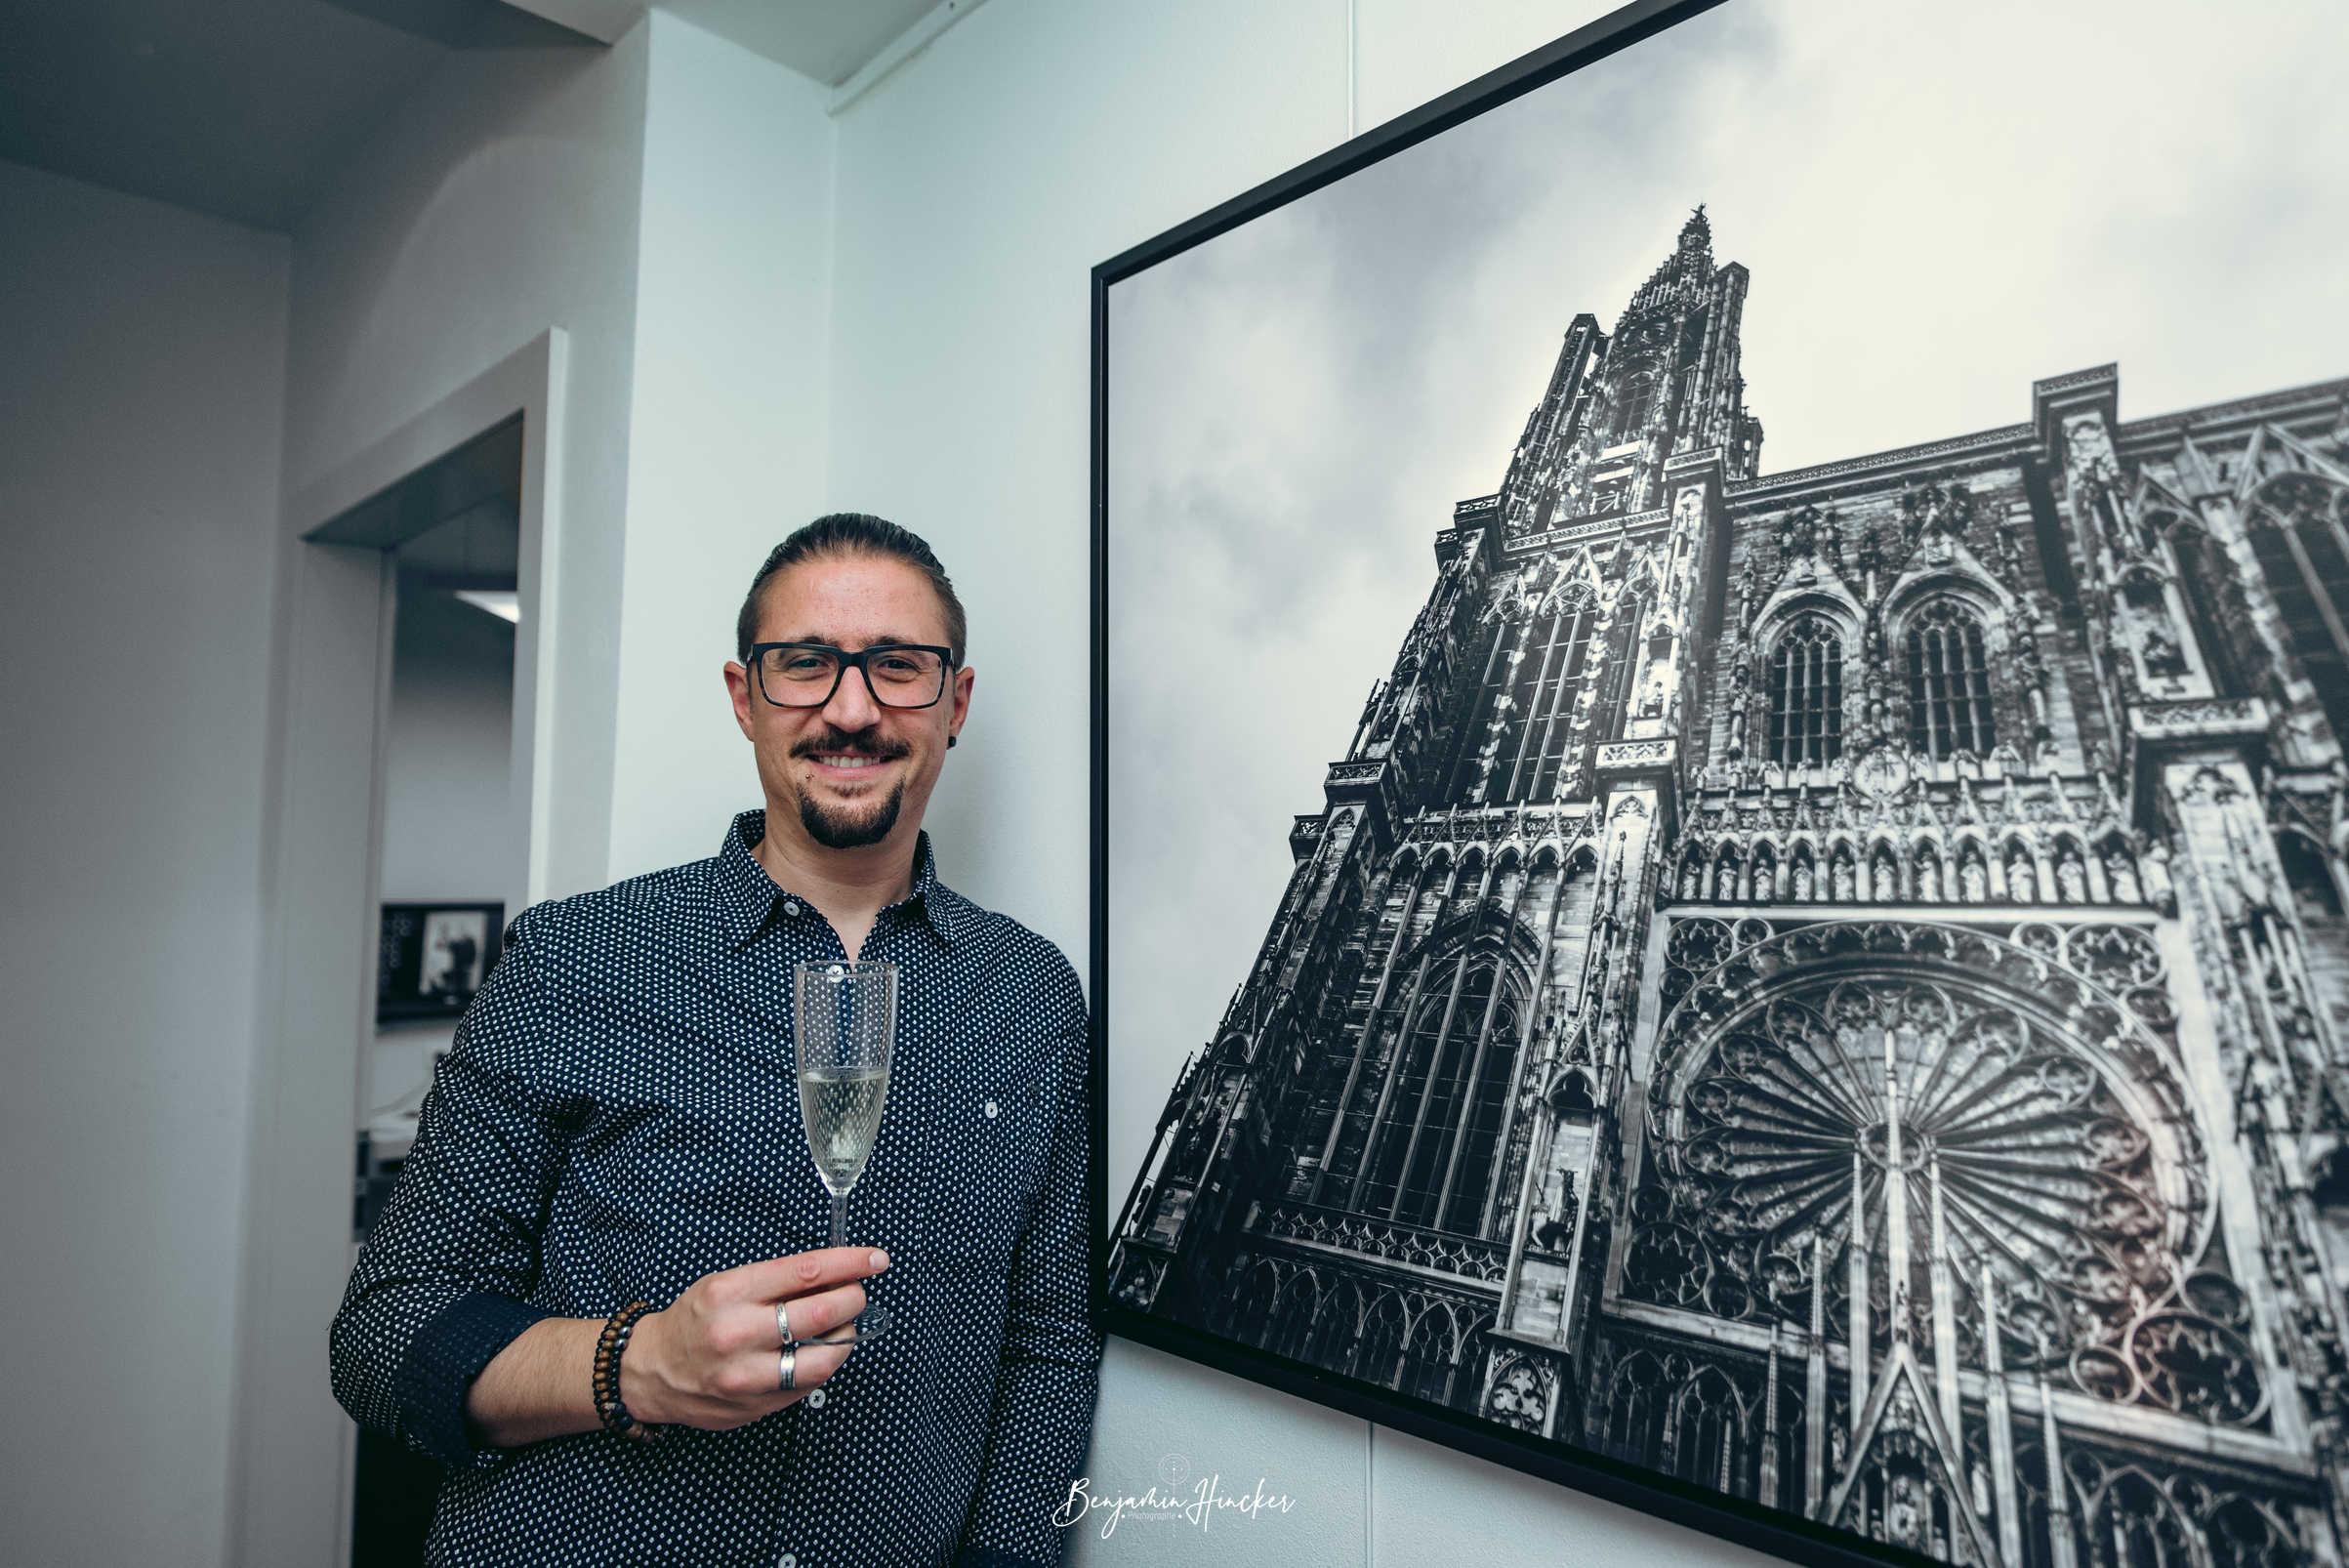 Photographe Professionnel Strasbourg & France : Portraits / Corporate / Evénements